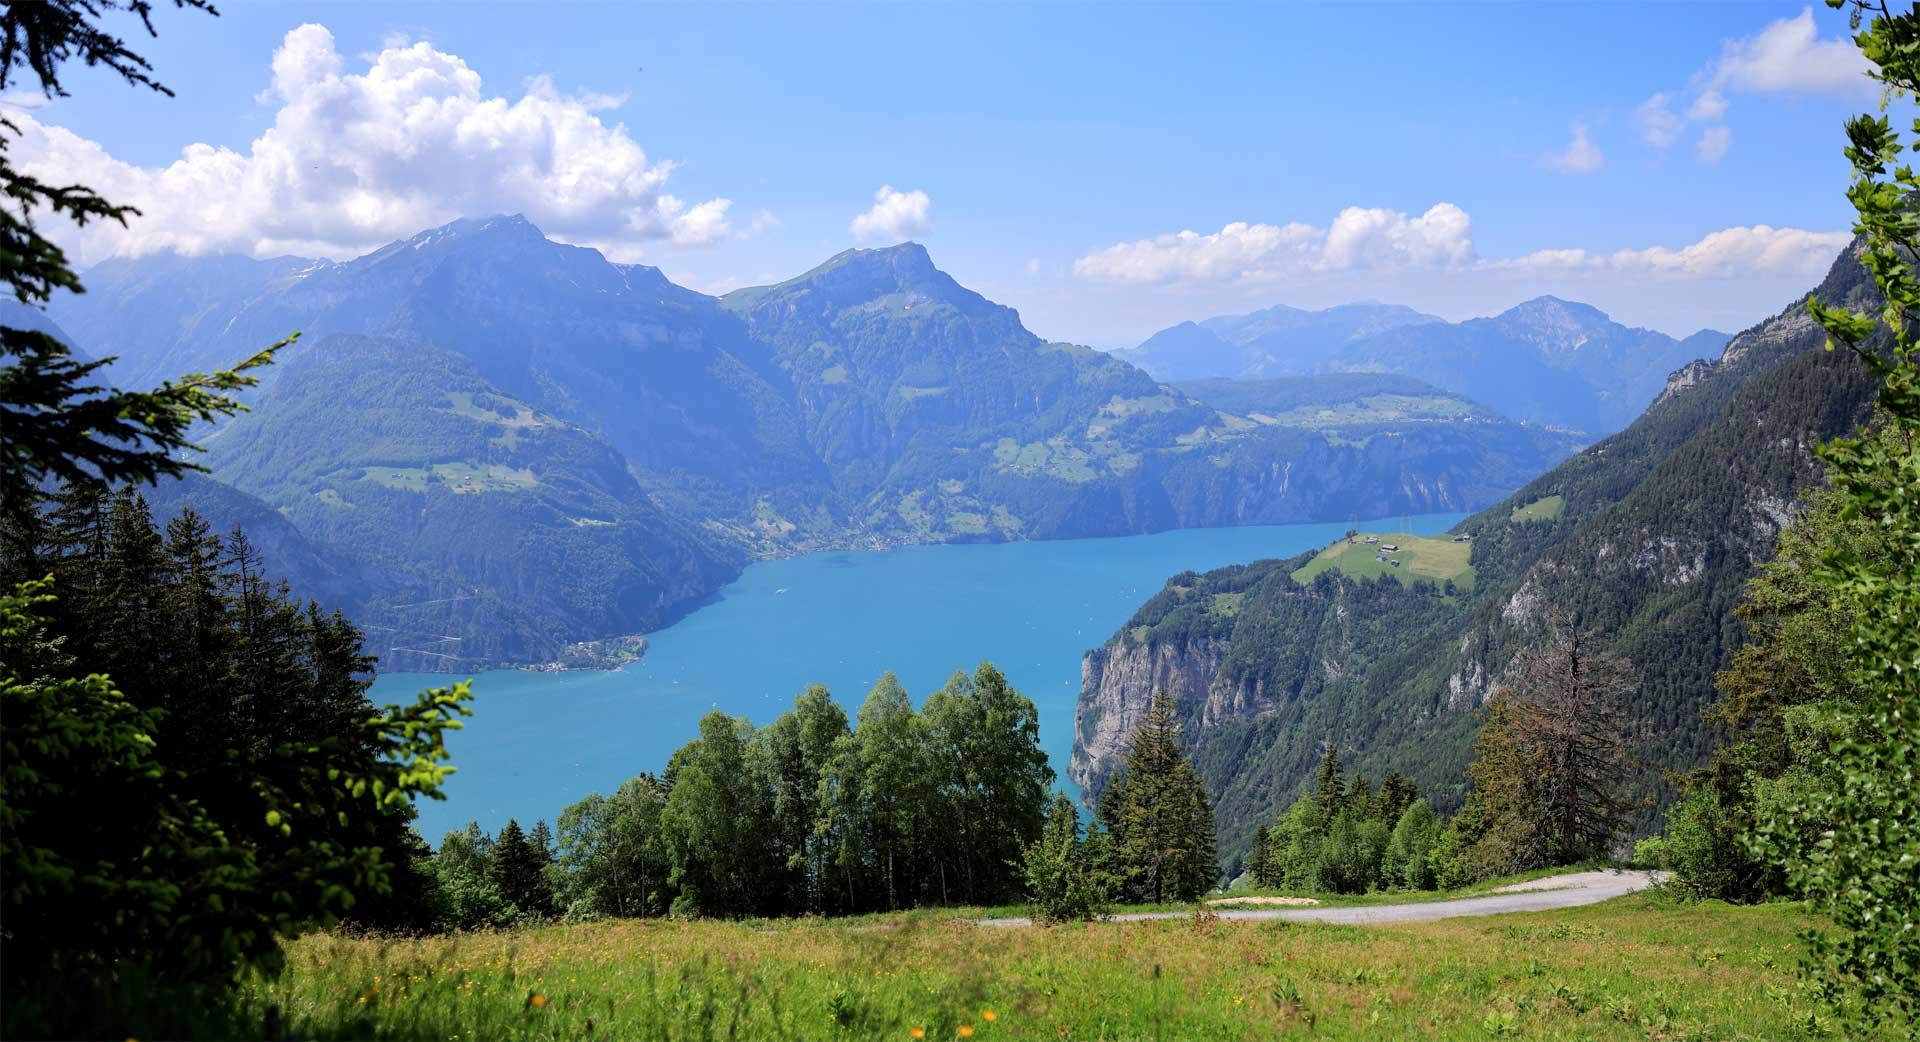 Eine Panoramaaufnahme von einer Berglandschaft mit einem See